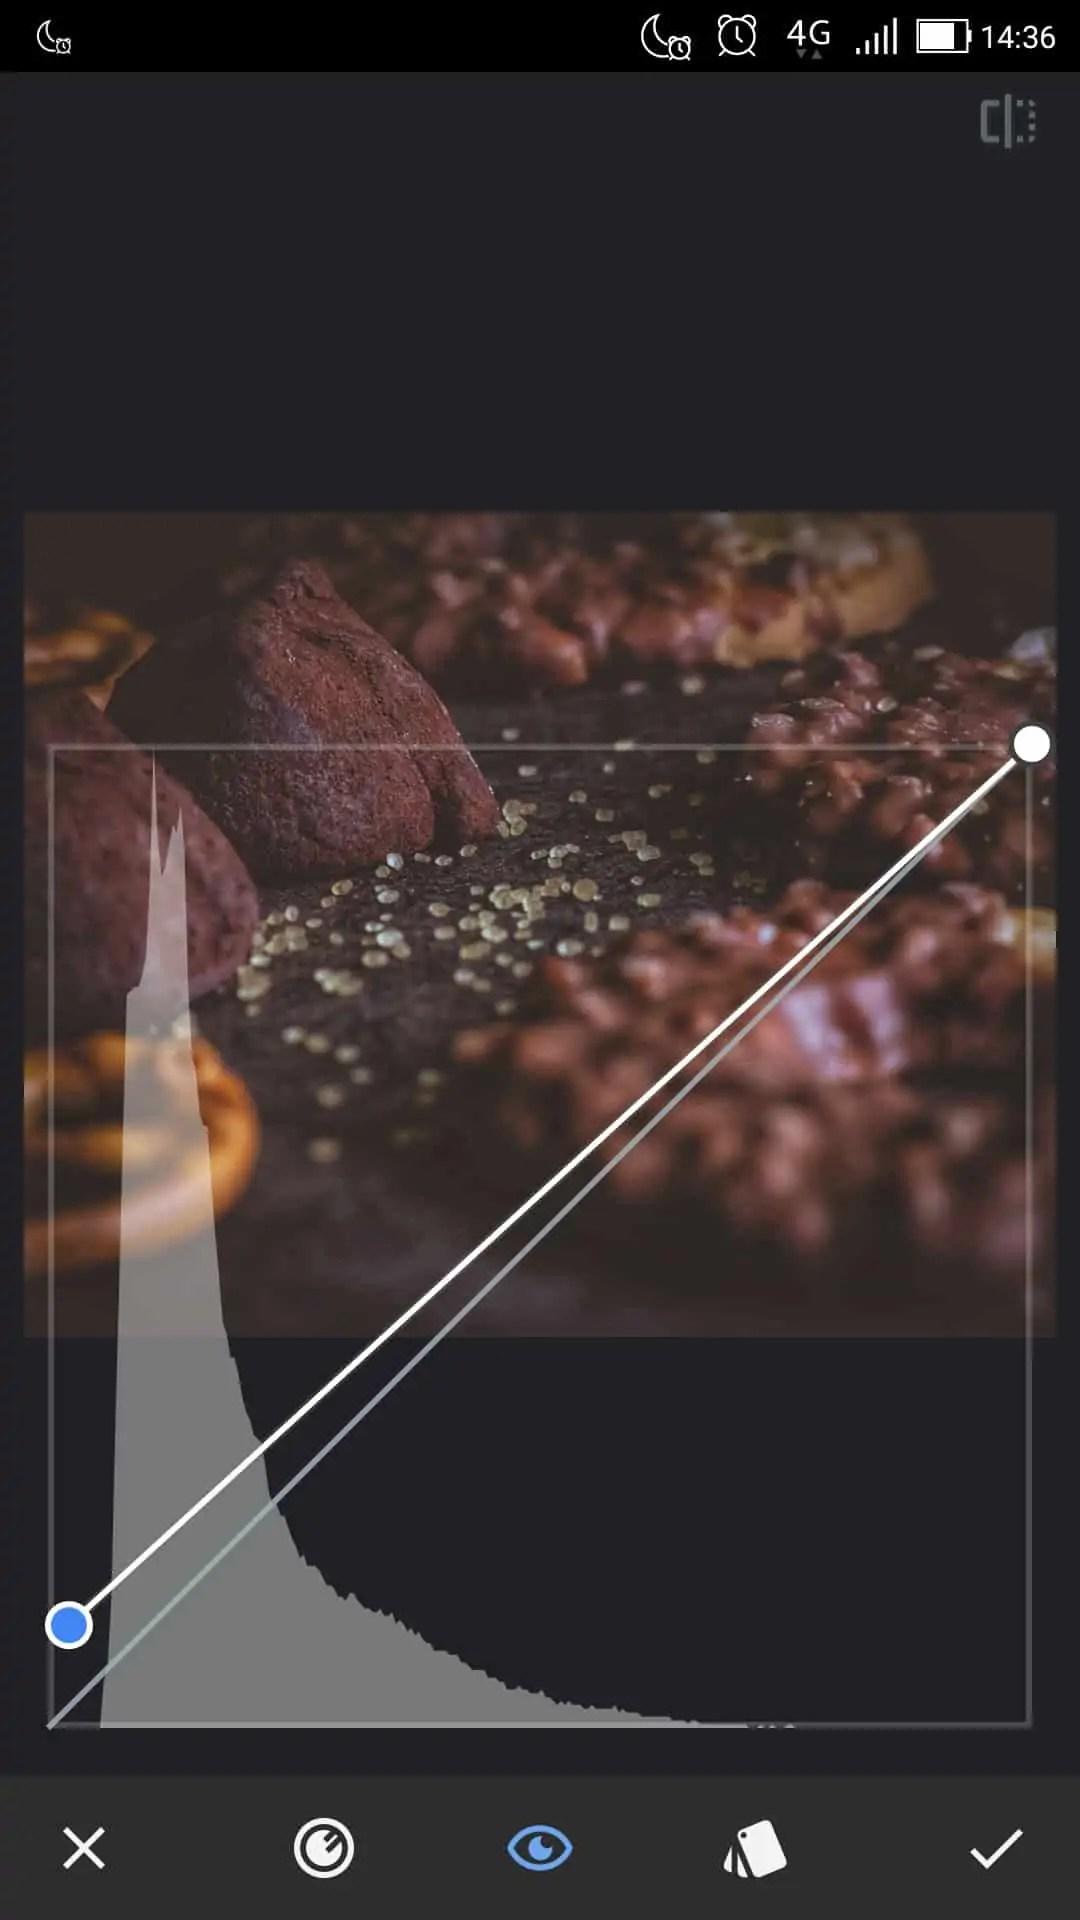 wykorzystanie krzywej do uzyskania matowego efektu na zdjęciu podniesienie cieni - Snapseed apka do zdjęć dla każdego